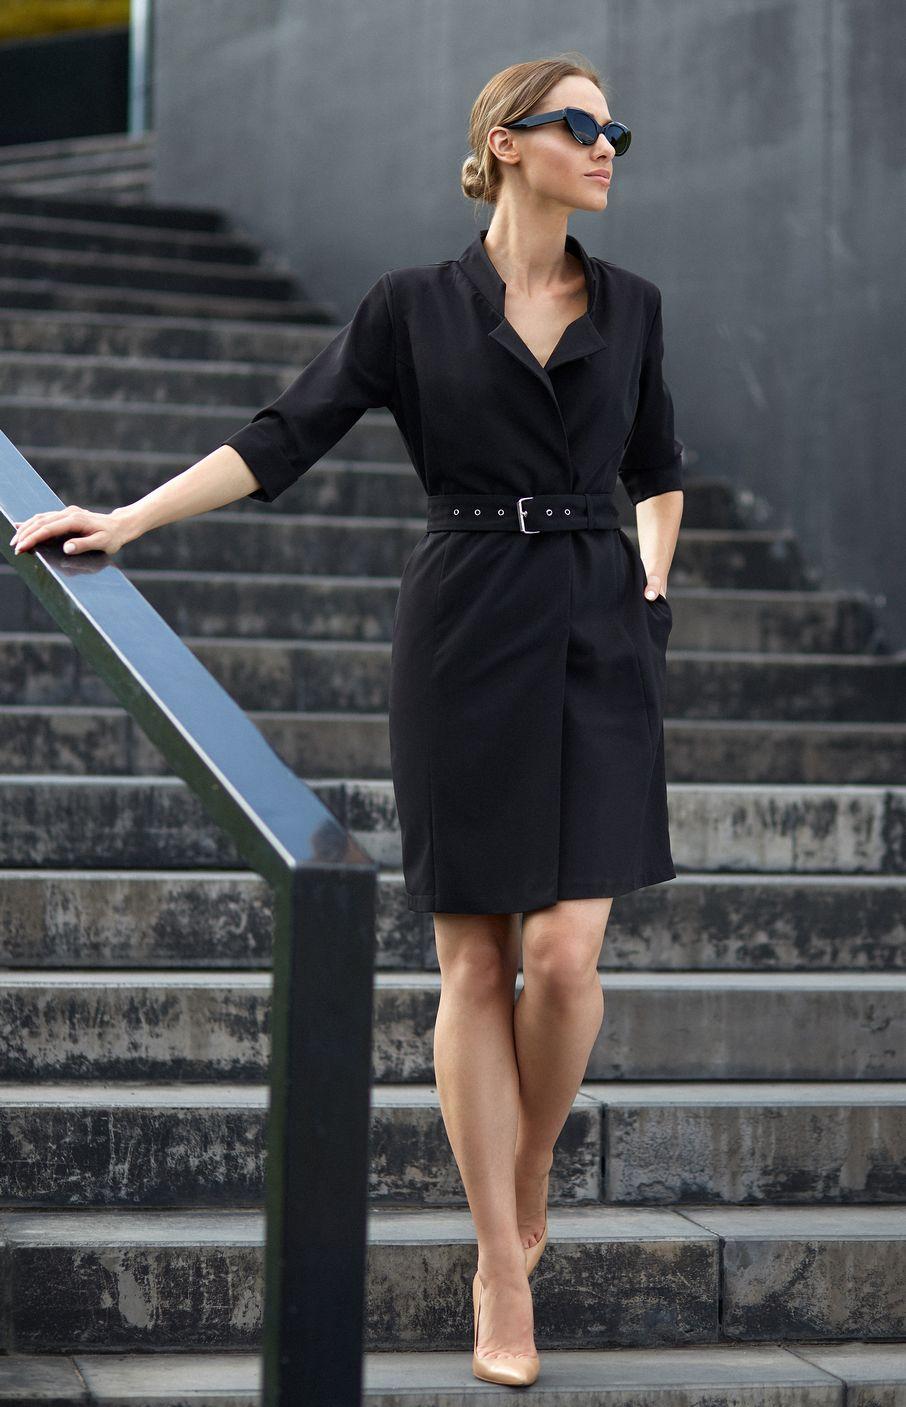 Robe droite blazer noire Style S120N   idresstocode  boutique de ... 83b1288e651f